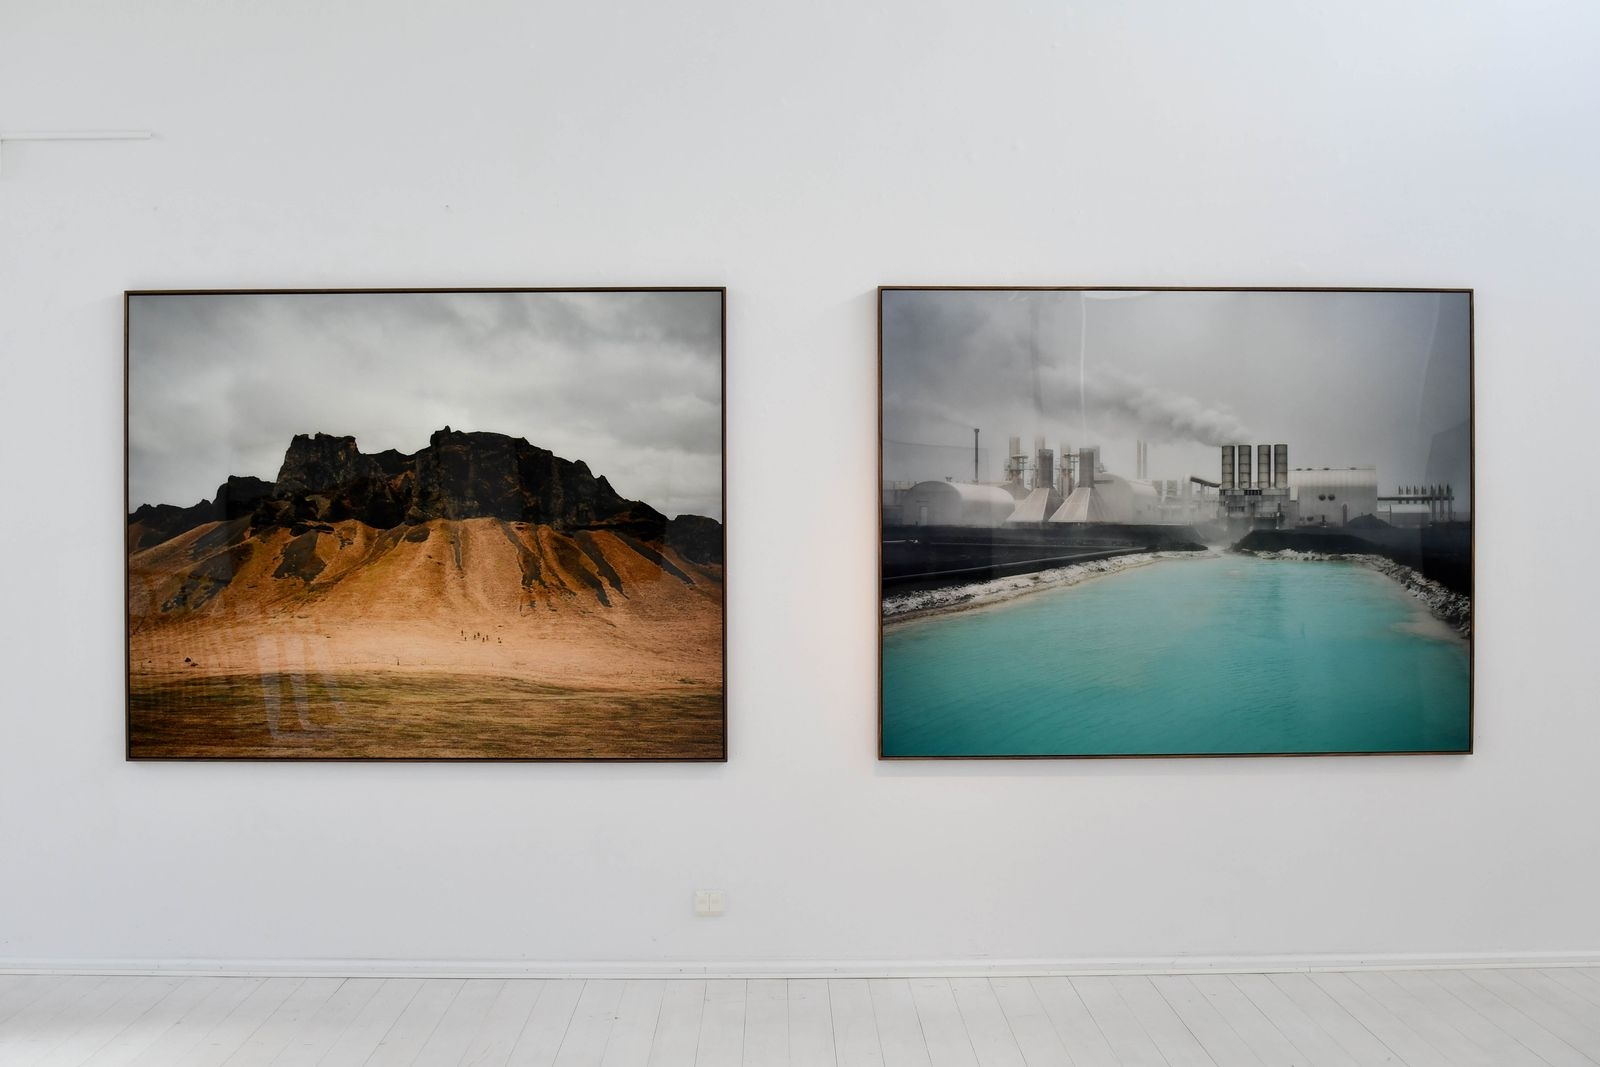 """I """"Thinking like a mountain"""" utforskar Helene Schmitz fyra former av naturresursutvinning i Sverige och på Island: Den heta källan, floden, berggrunden och skogen."""